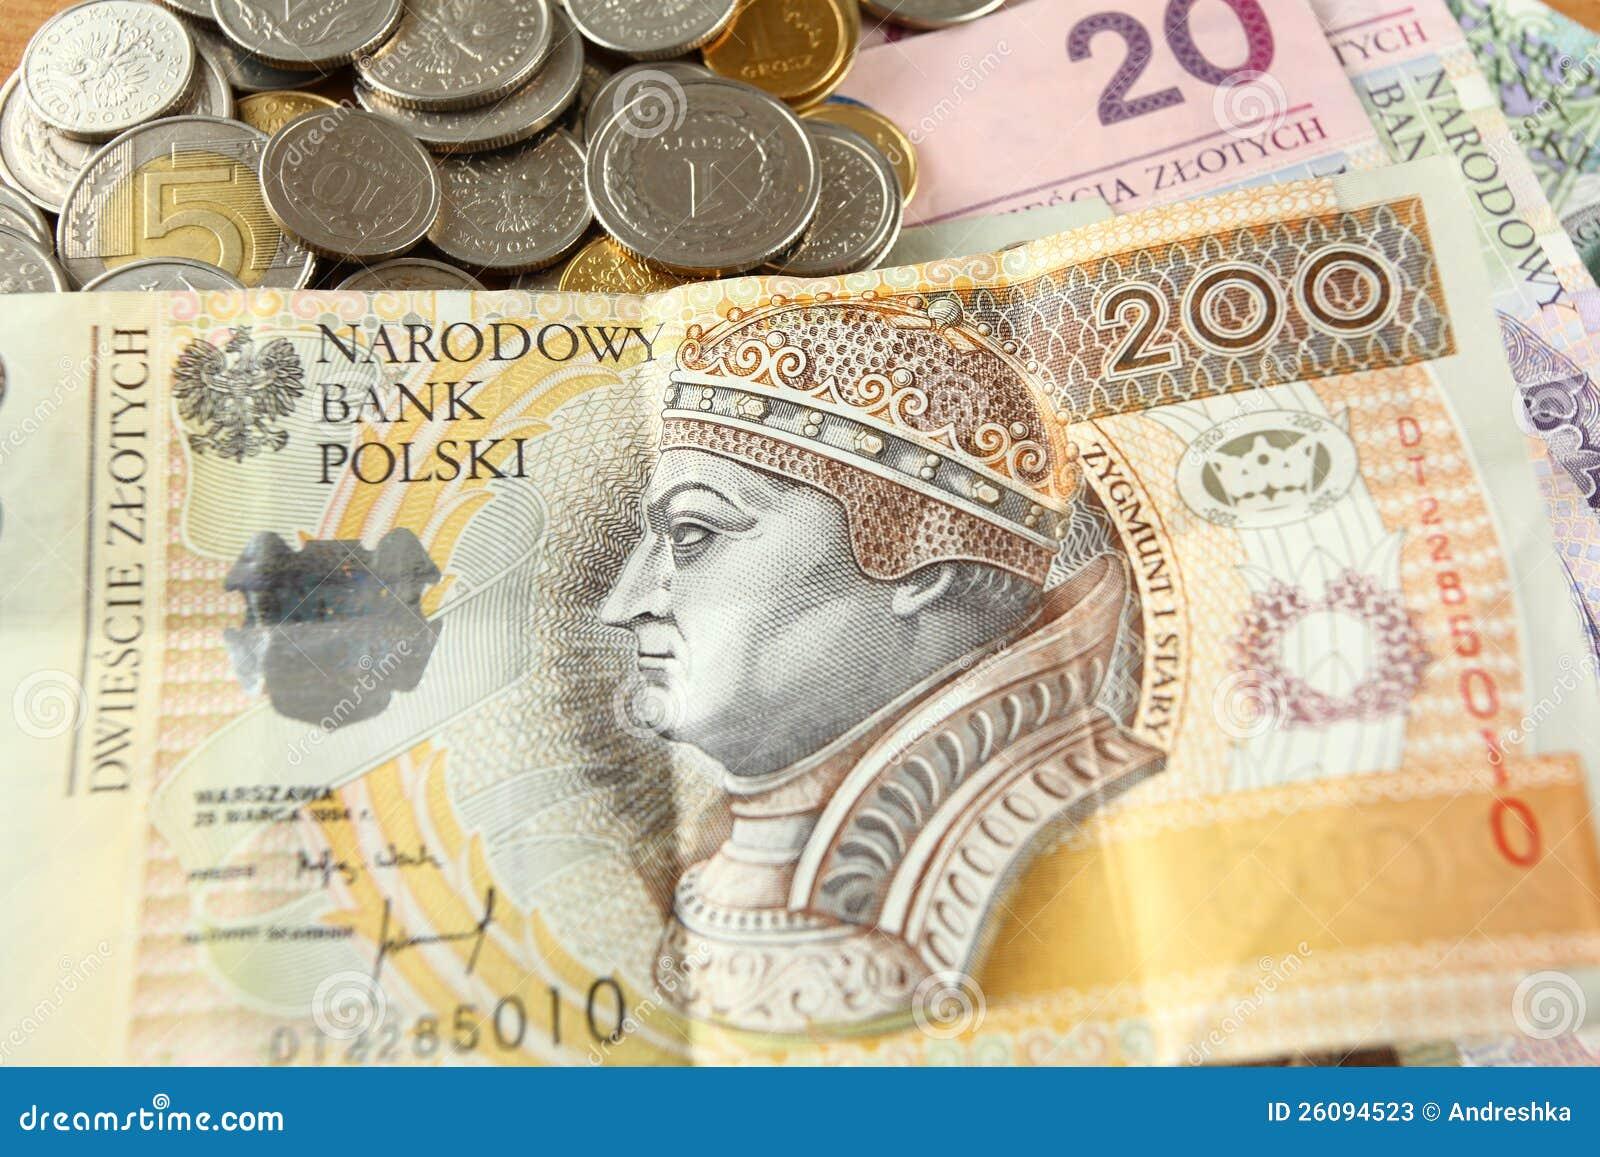 Polnisches Geld Stockbild Bild Von Münzen Anmerkung 26094523